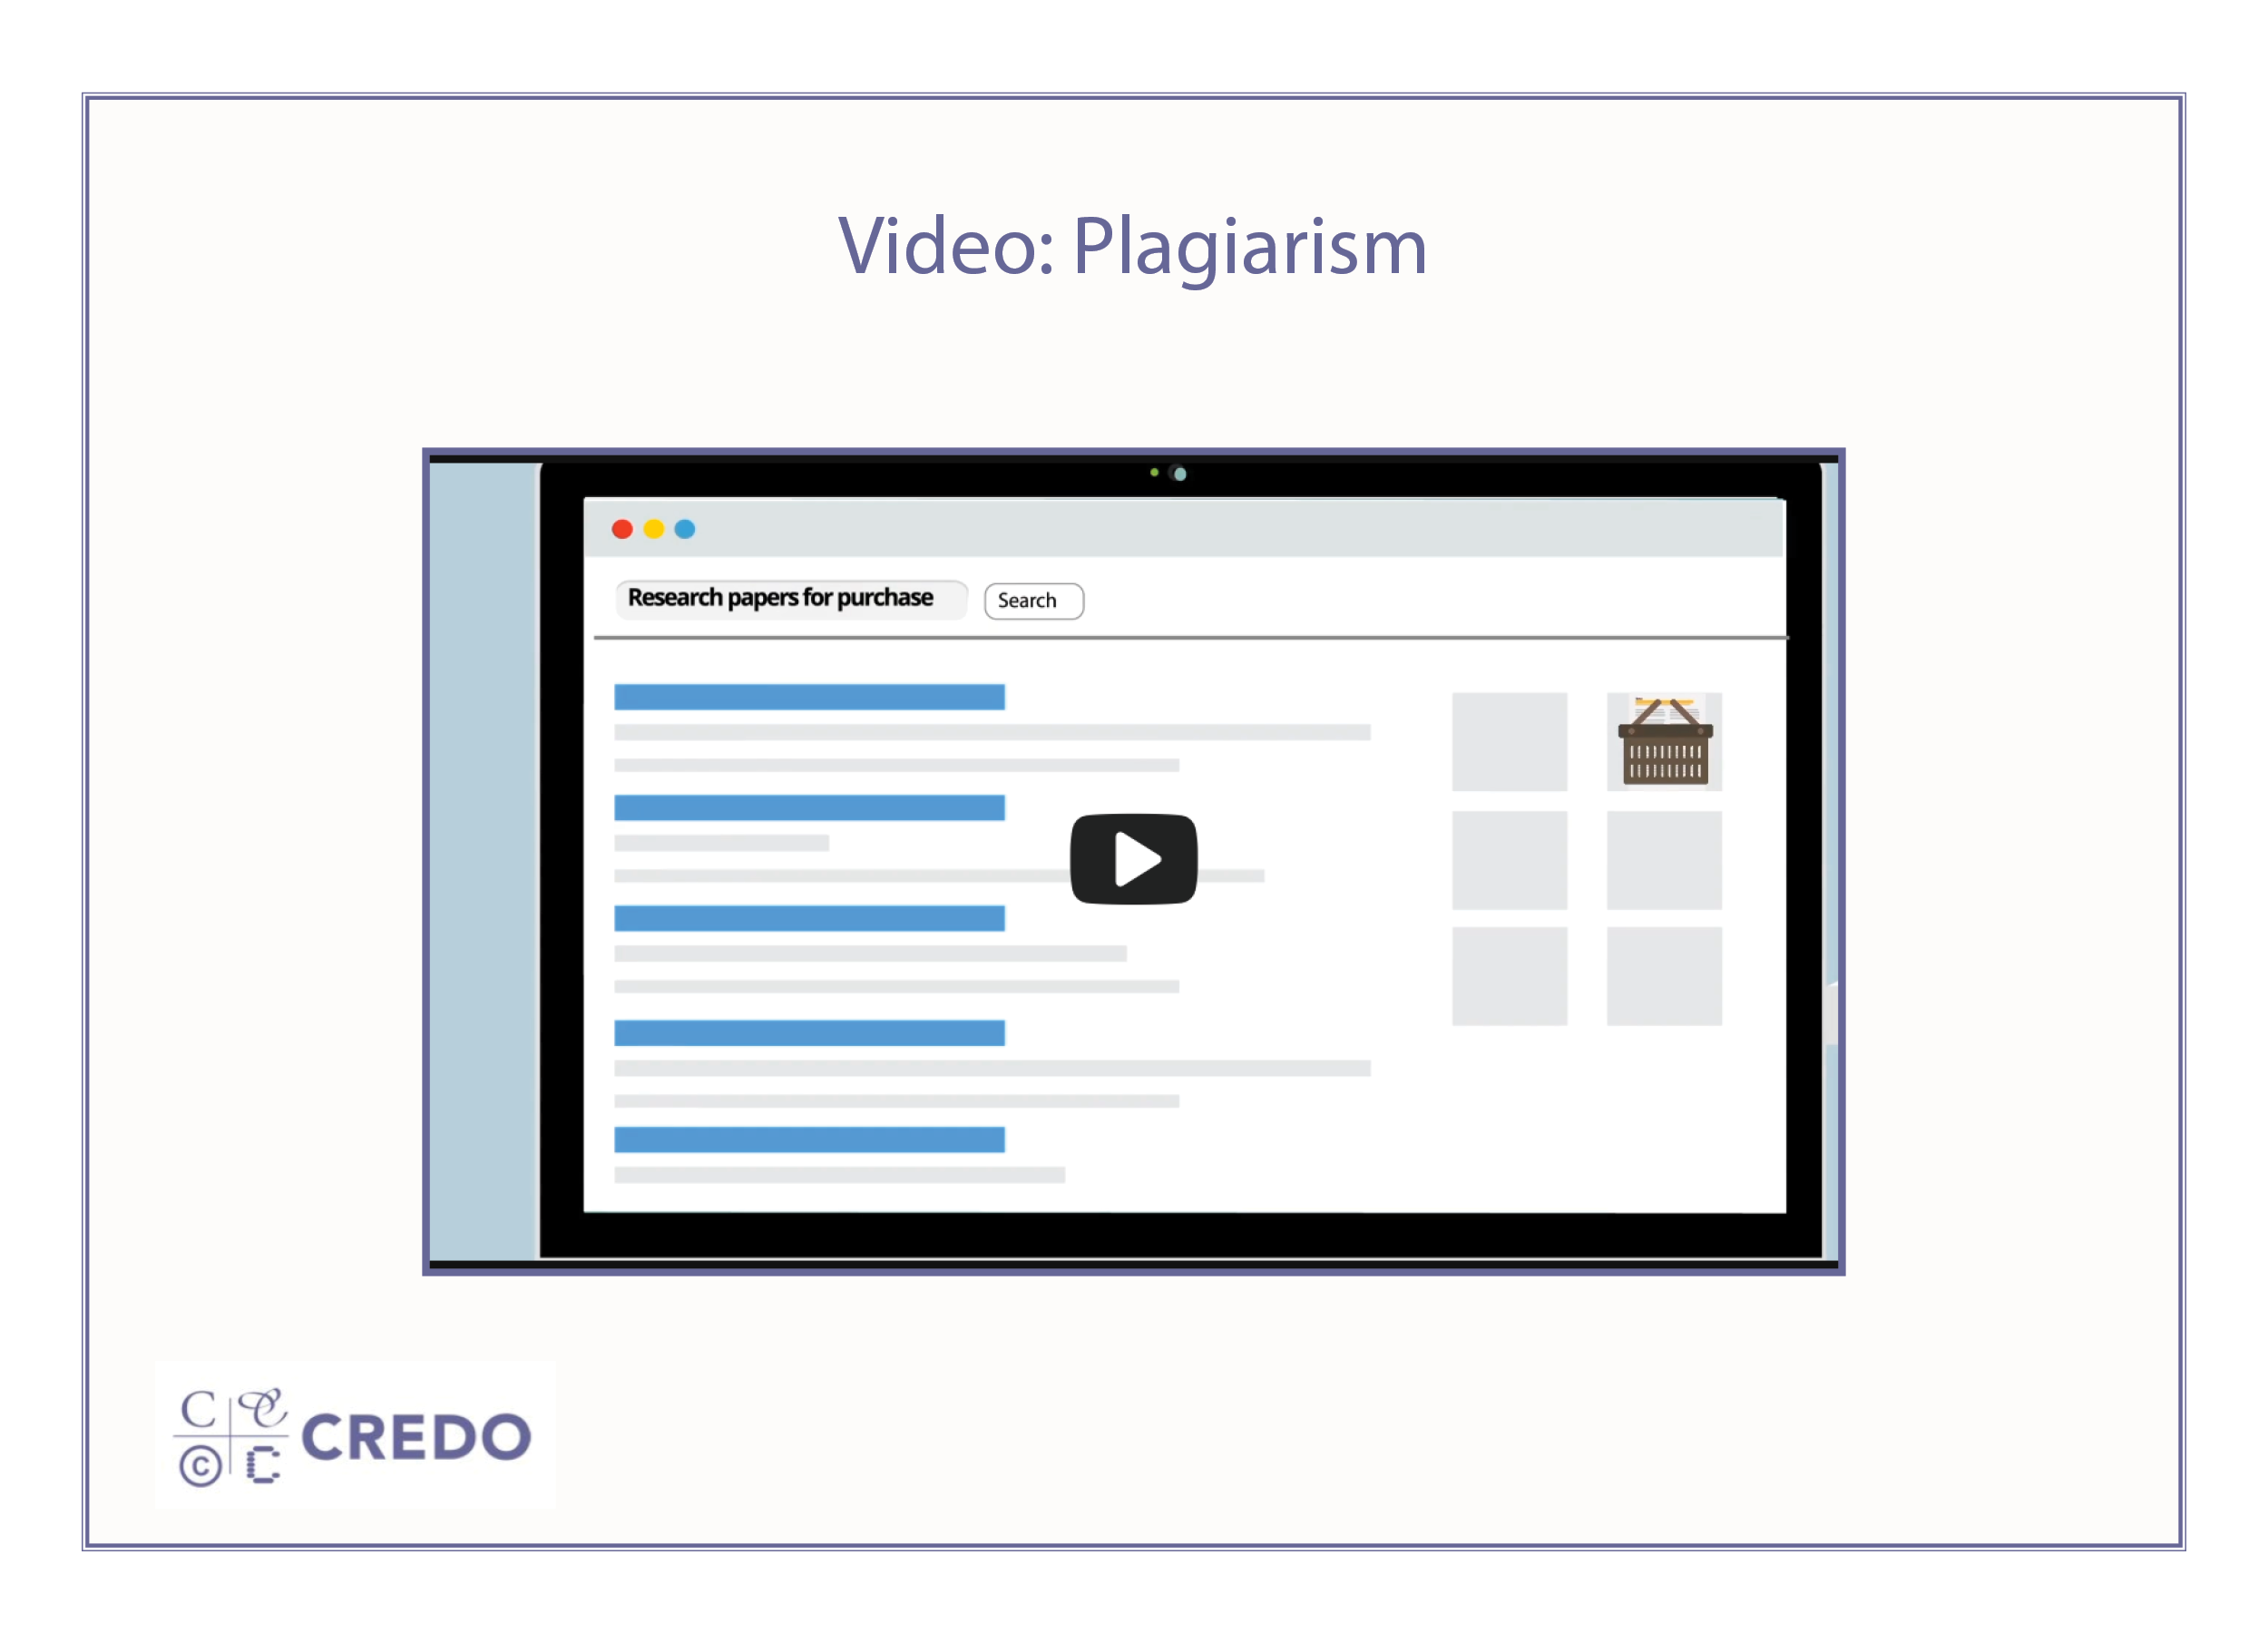 Plagiarism Video